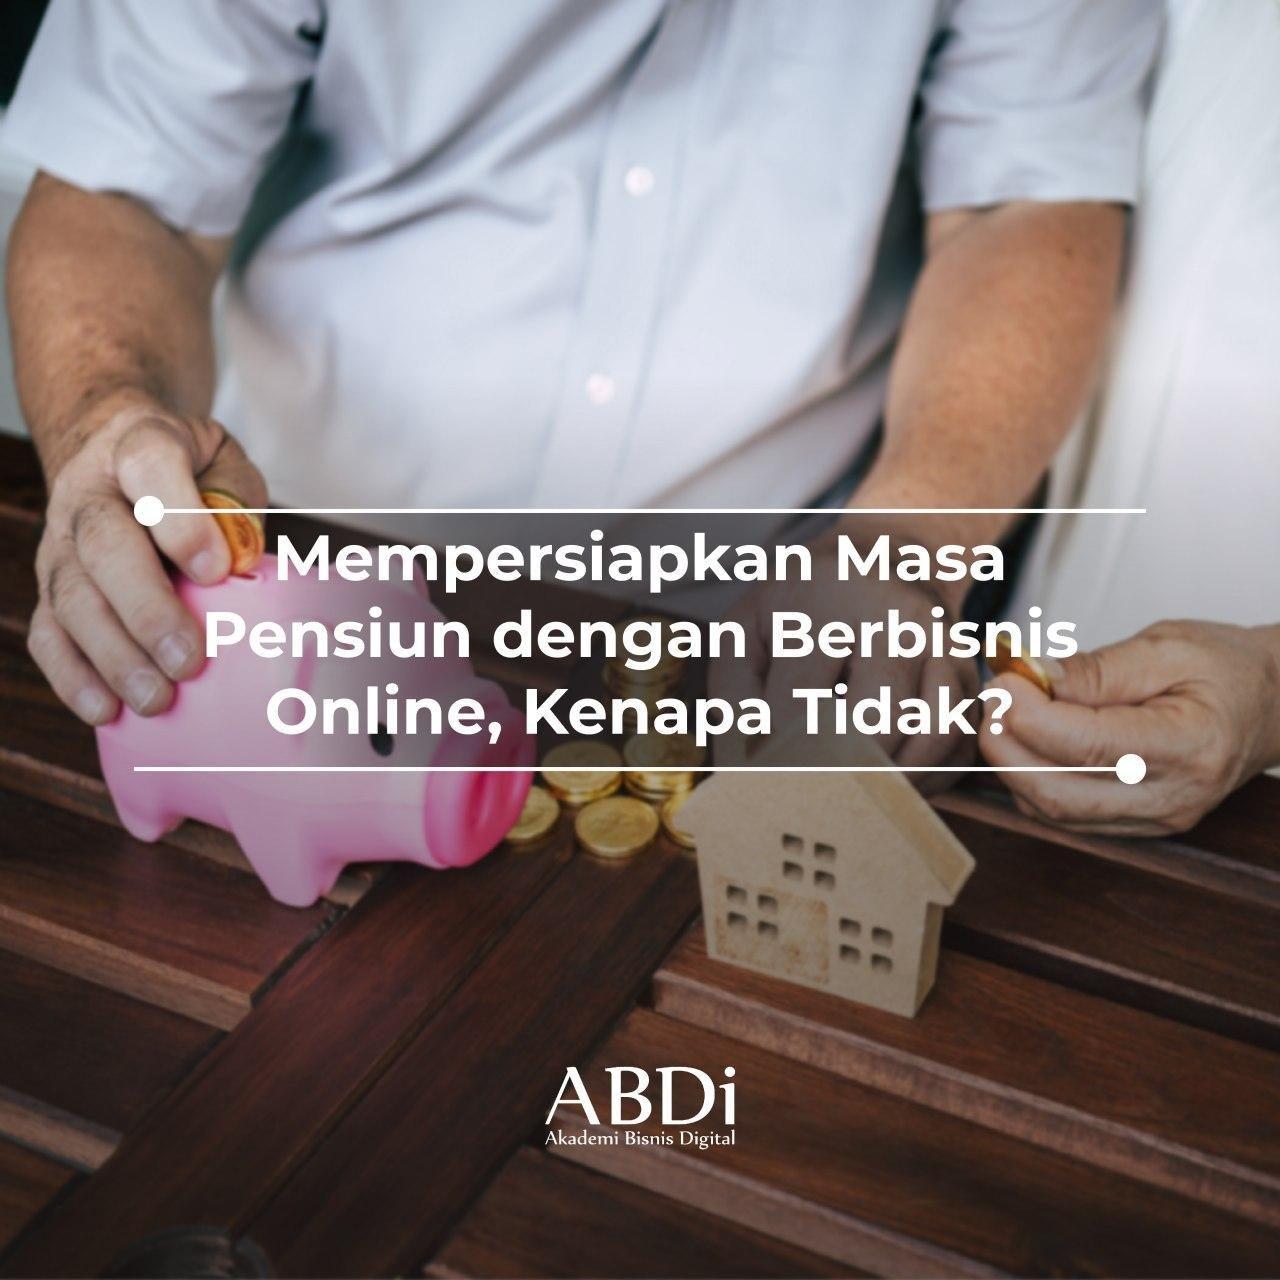 Abdi Akademi Bisnis Digital Marketing Pensiun Marketing Membaca